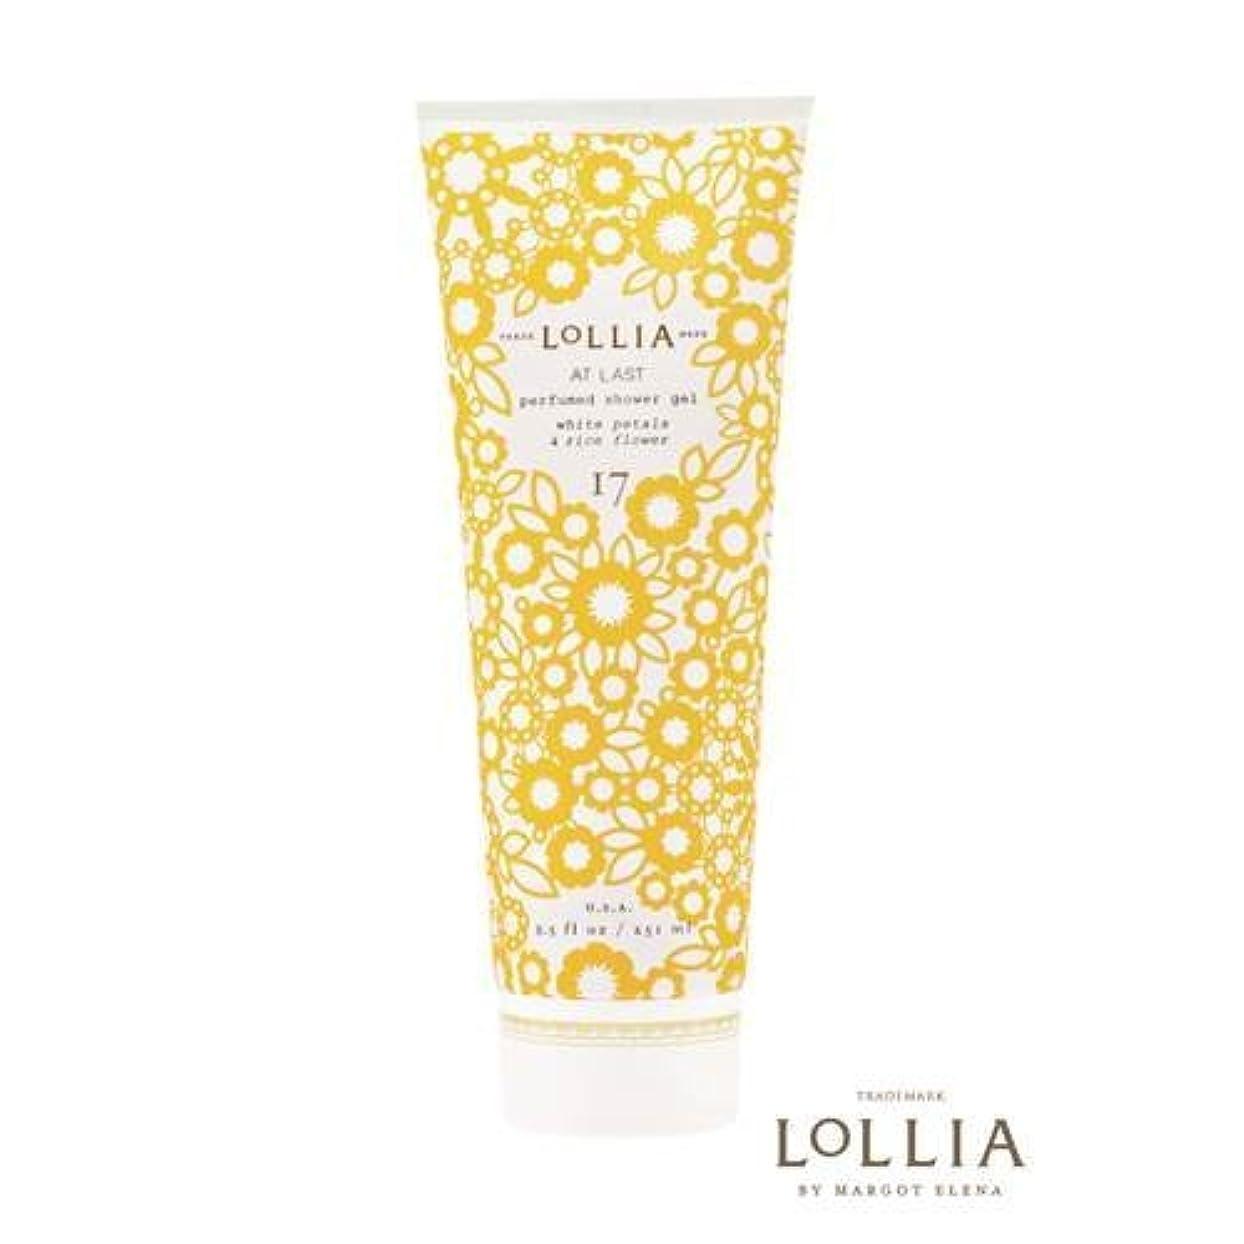 スパイラルアームストロング起こるロリア(LoLLIA) パフュームドシャワージェル AtLast 251ml(全身用洗浄料 ボディーソープ ライスフラワー、マグノリアとミモザの柔らかな花々の香り)